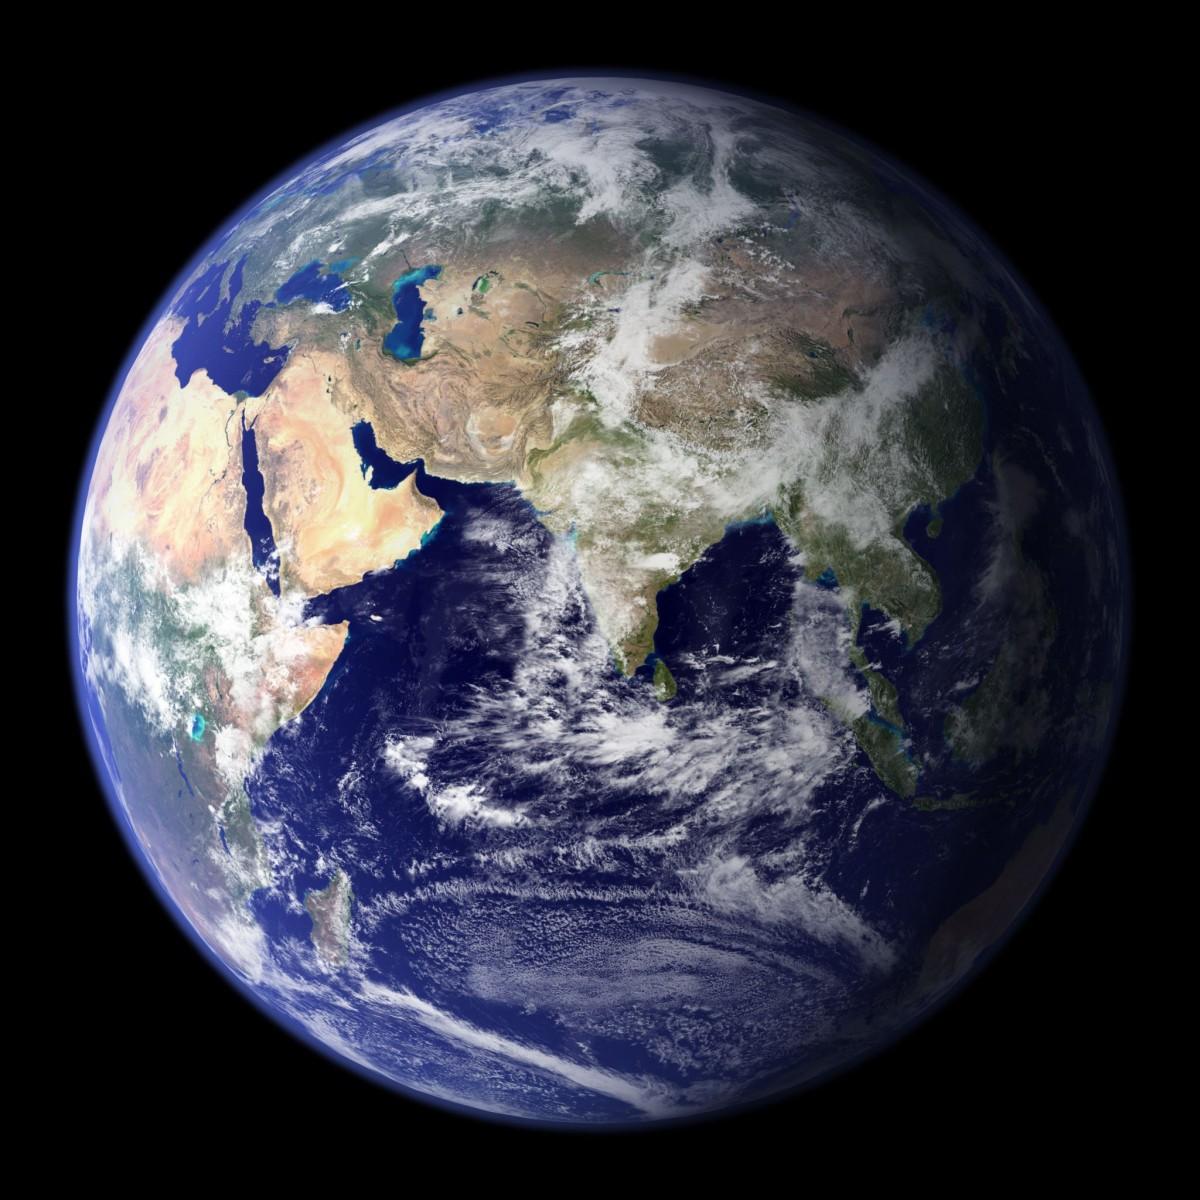 всего этот скольки мерная наша вселенная фото